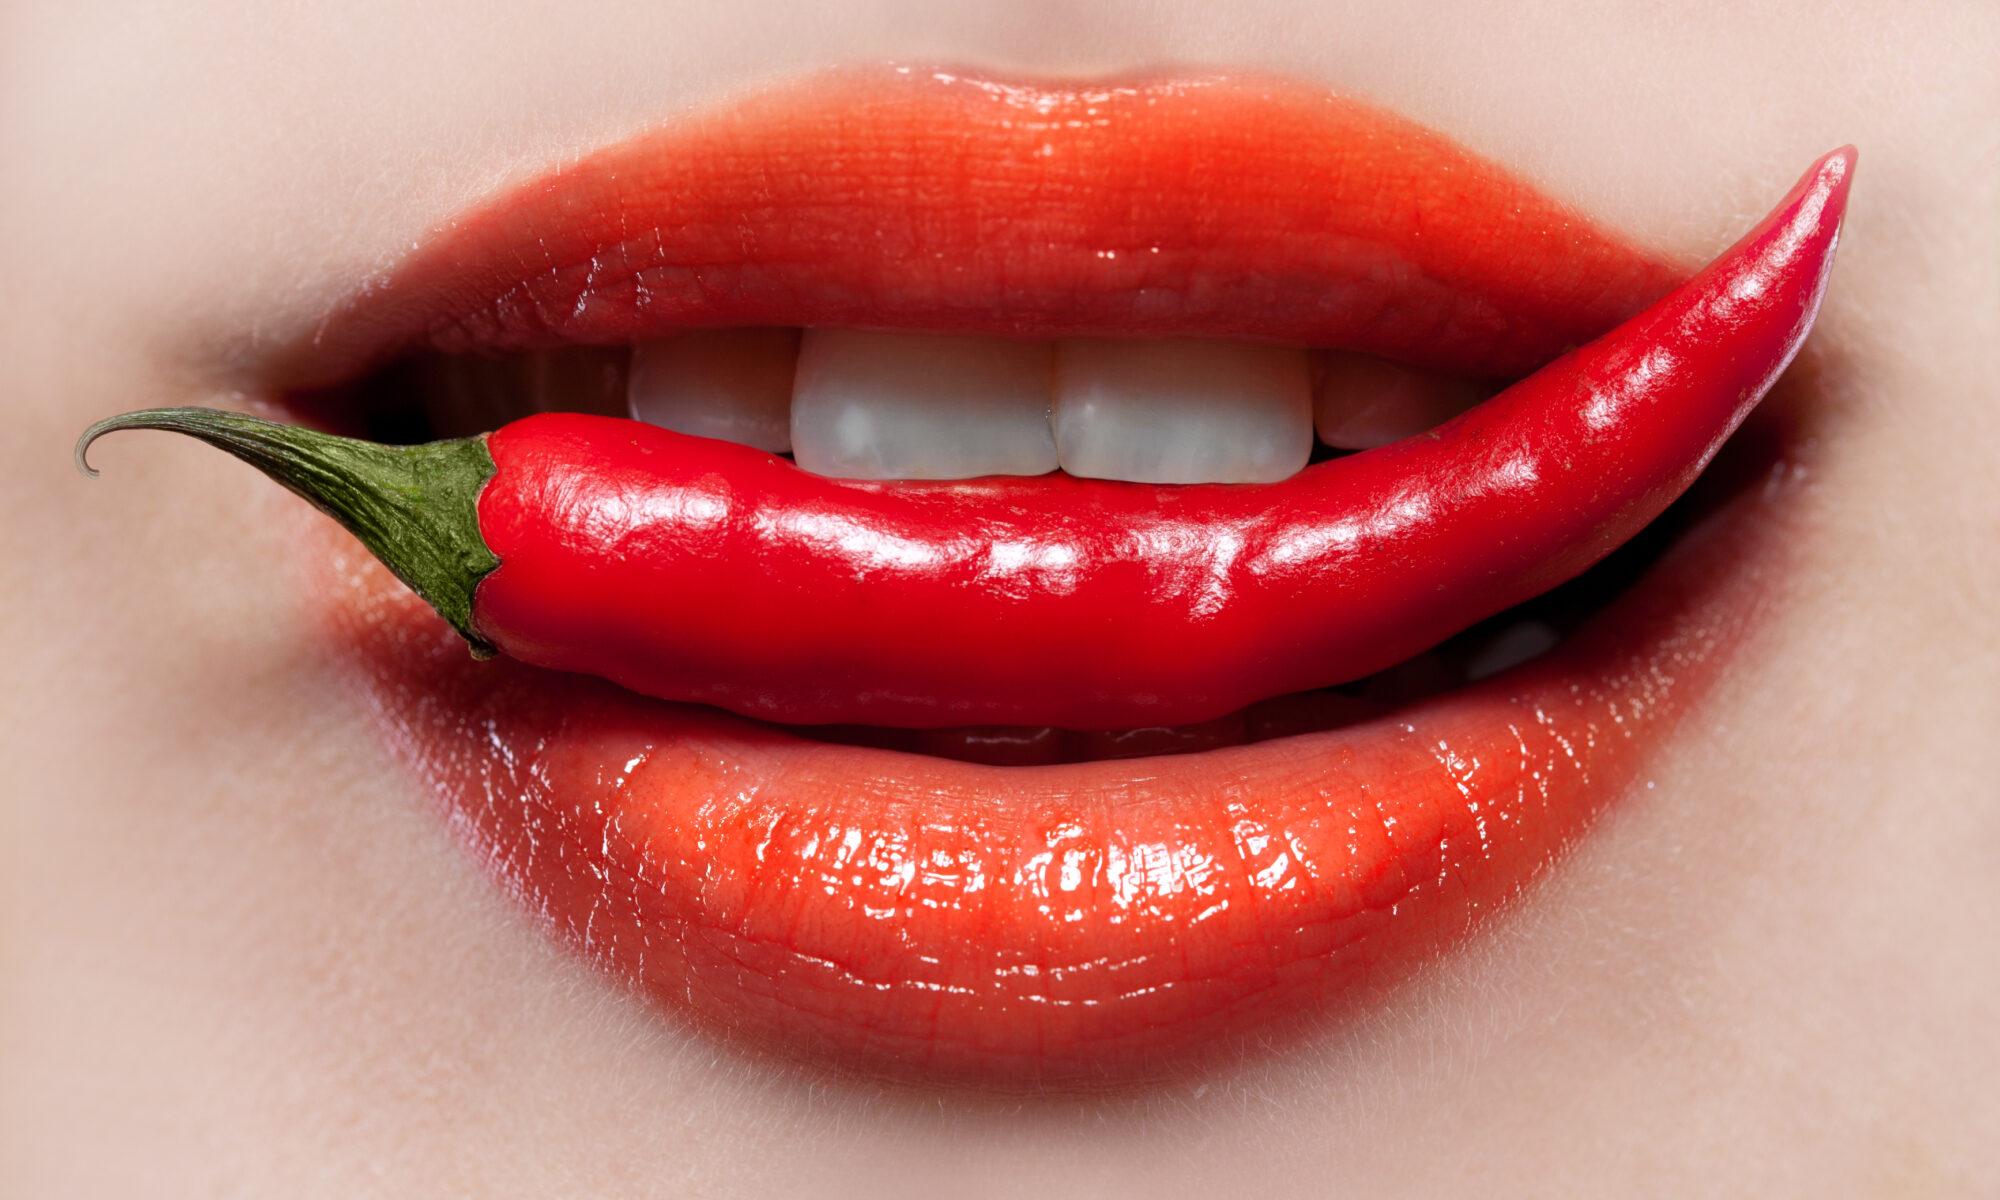 Roter Frauenmund mit scharfer Pepperoni